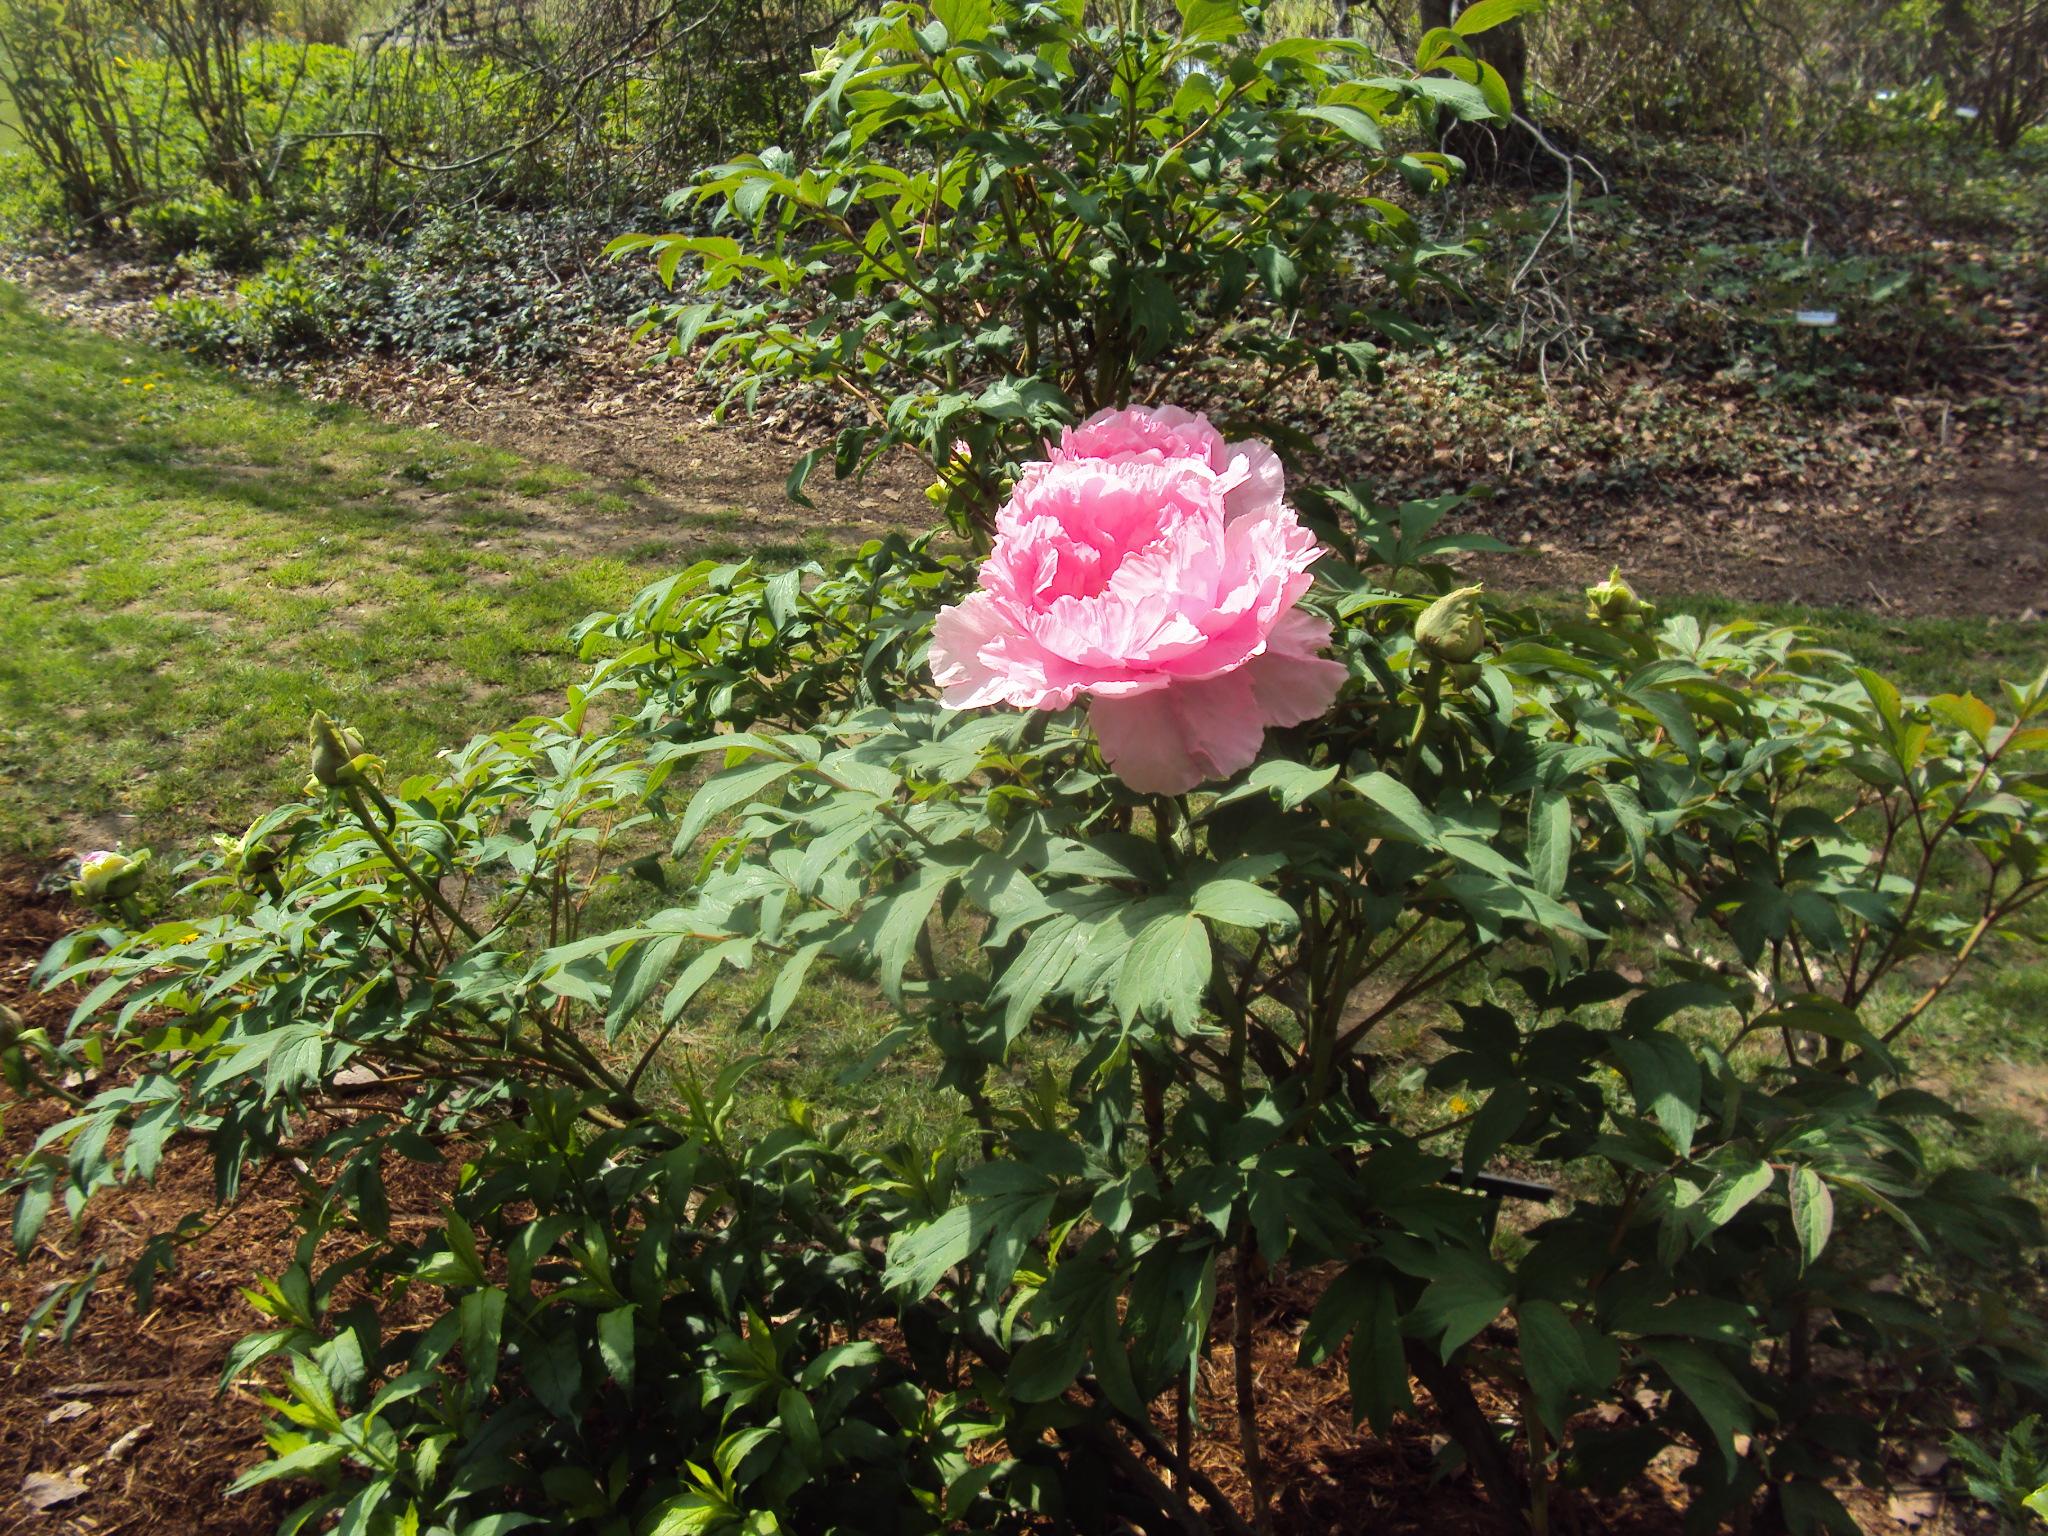 7) Pivoine arbustive paeonia suffruticosa